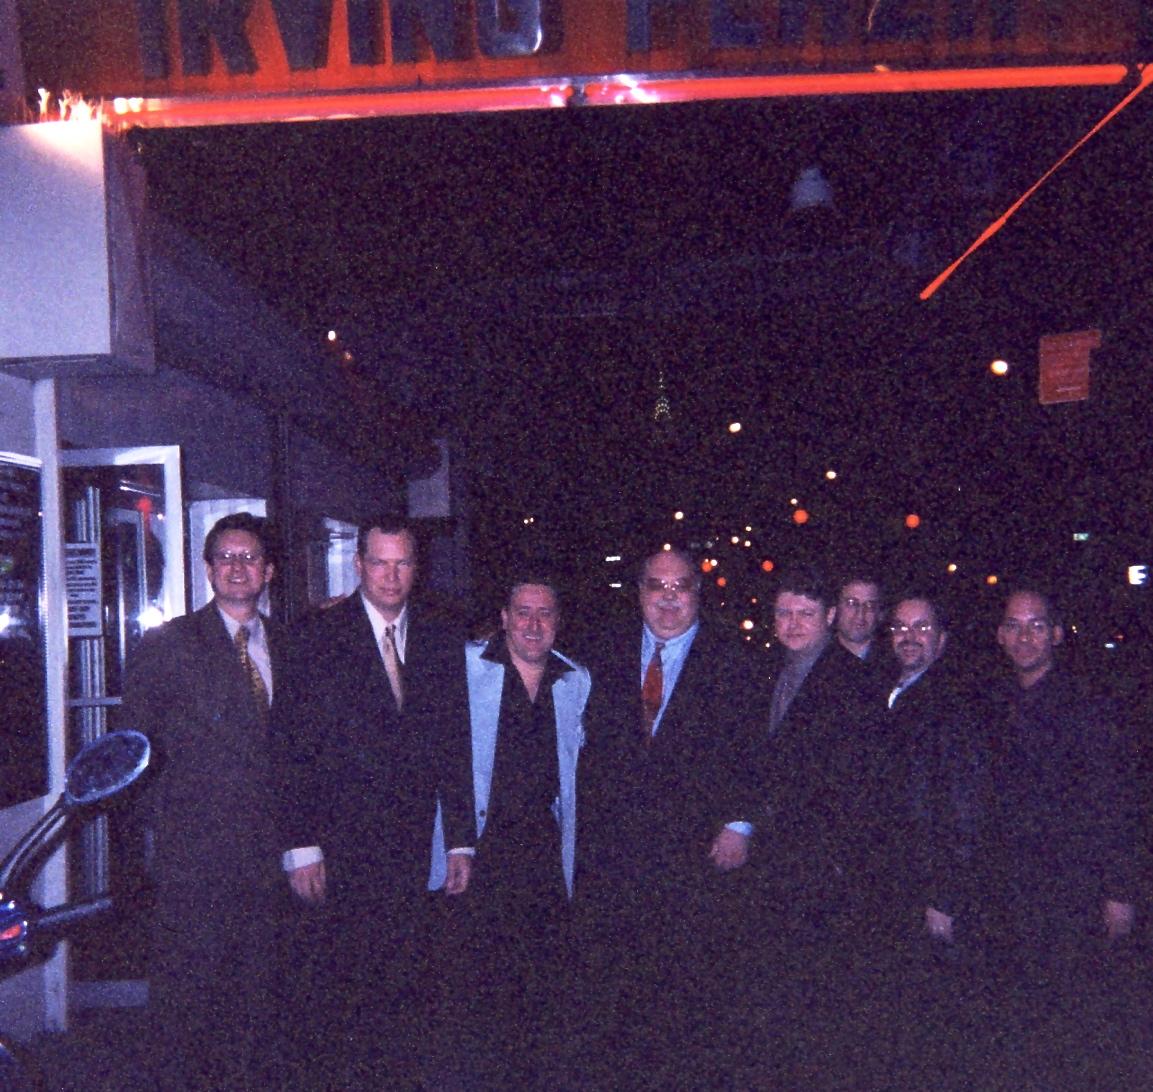 2002-03-03 IRVING PLAZA (1).jpg